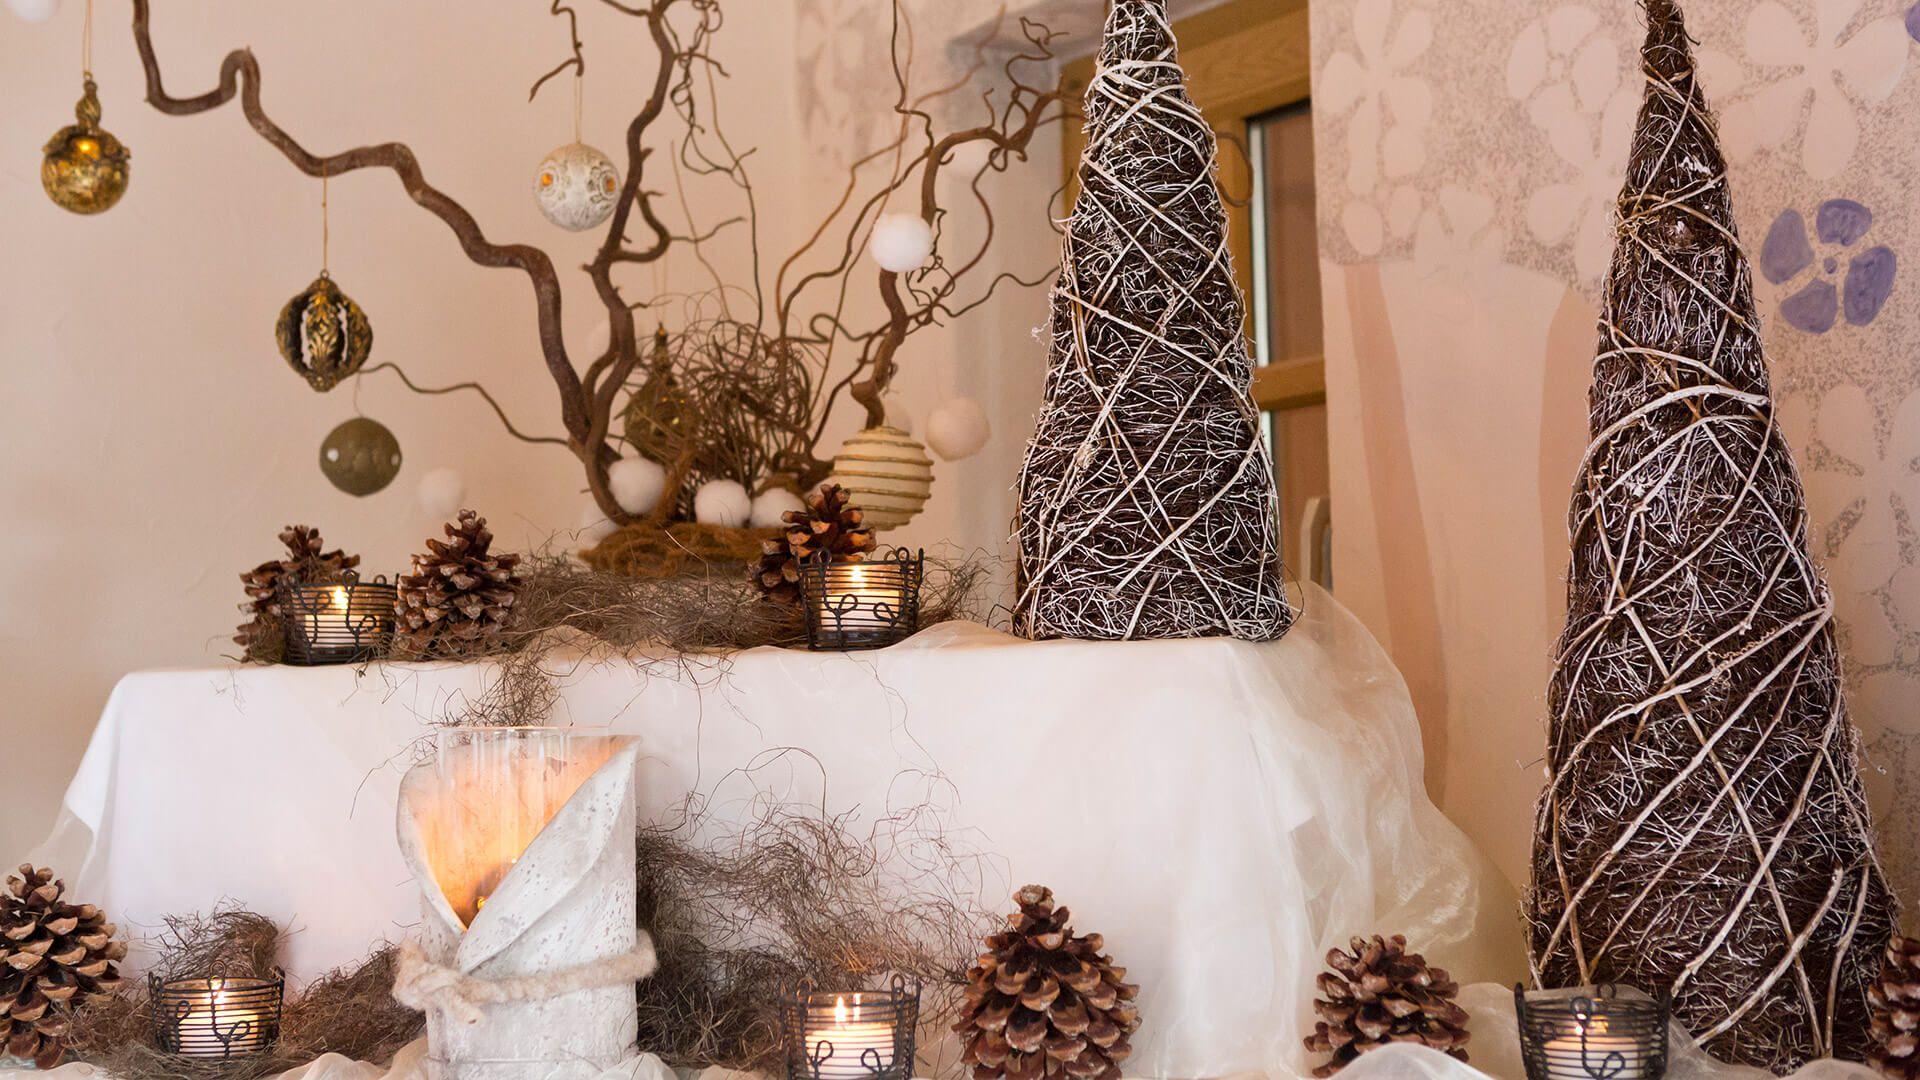 silvester in s dtirol stimmungsvolle weihnacht. Black Bedroom Furniture Sets. Home Design Ideas